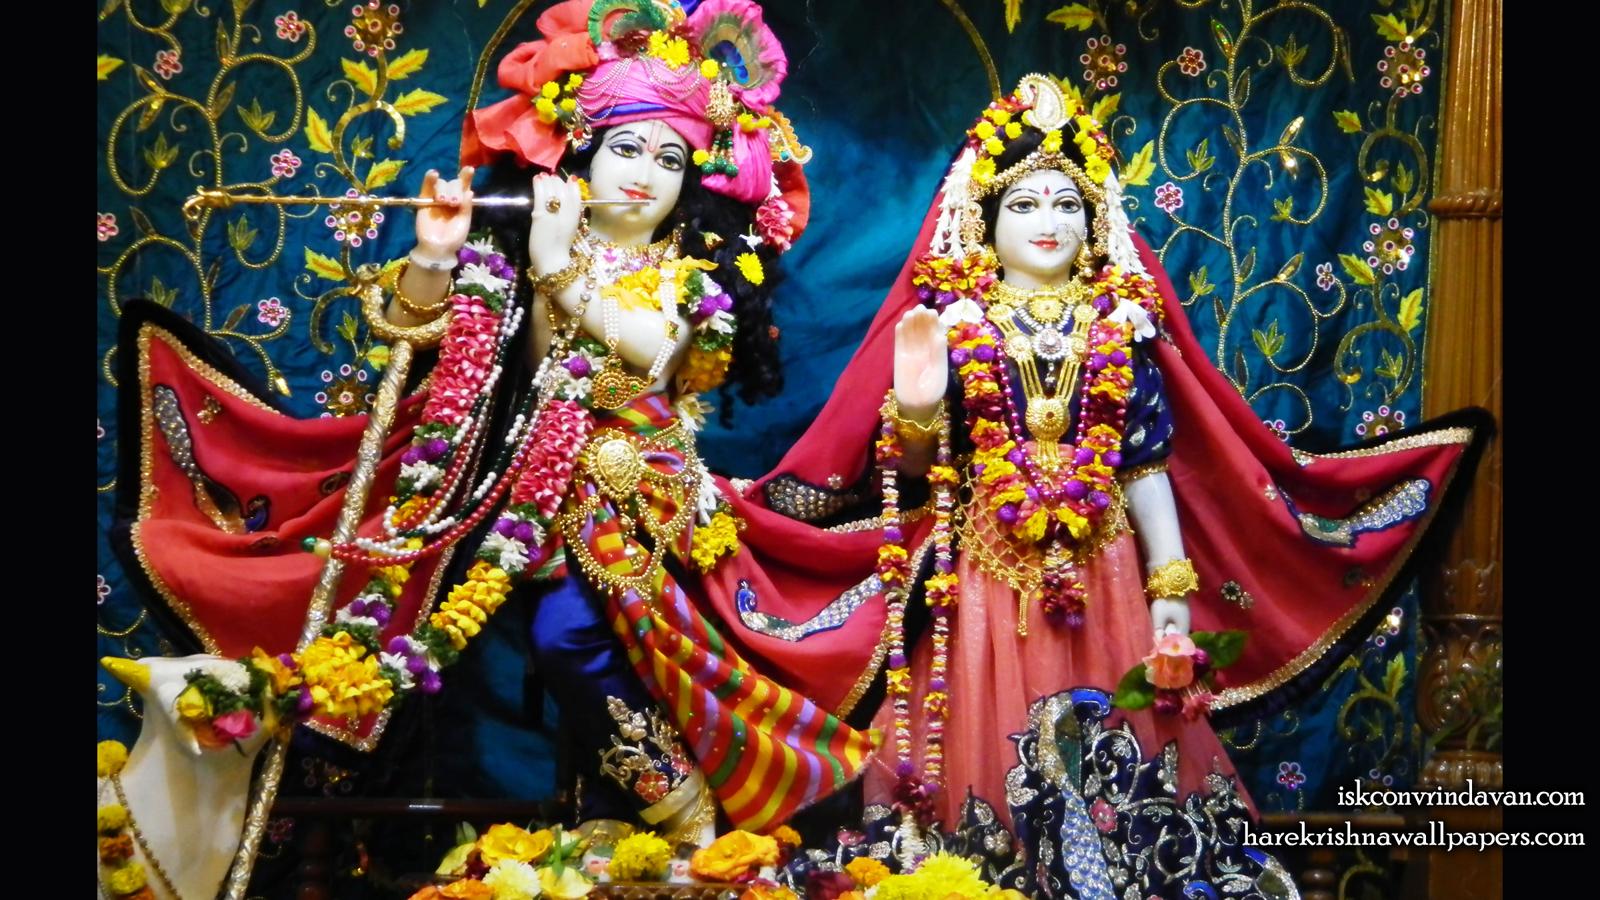 Sri Sri Radha Kunjabihari Wallpaper (014) Size 1600x900 Download